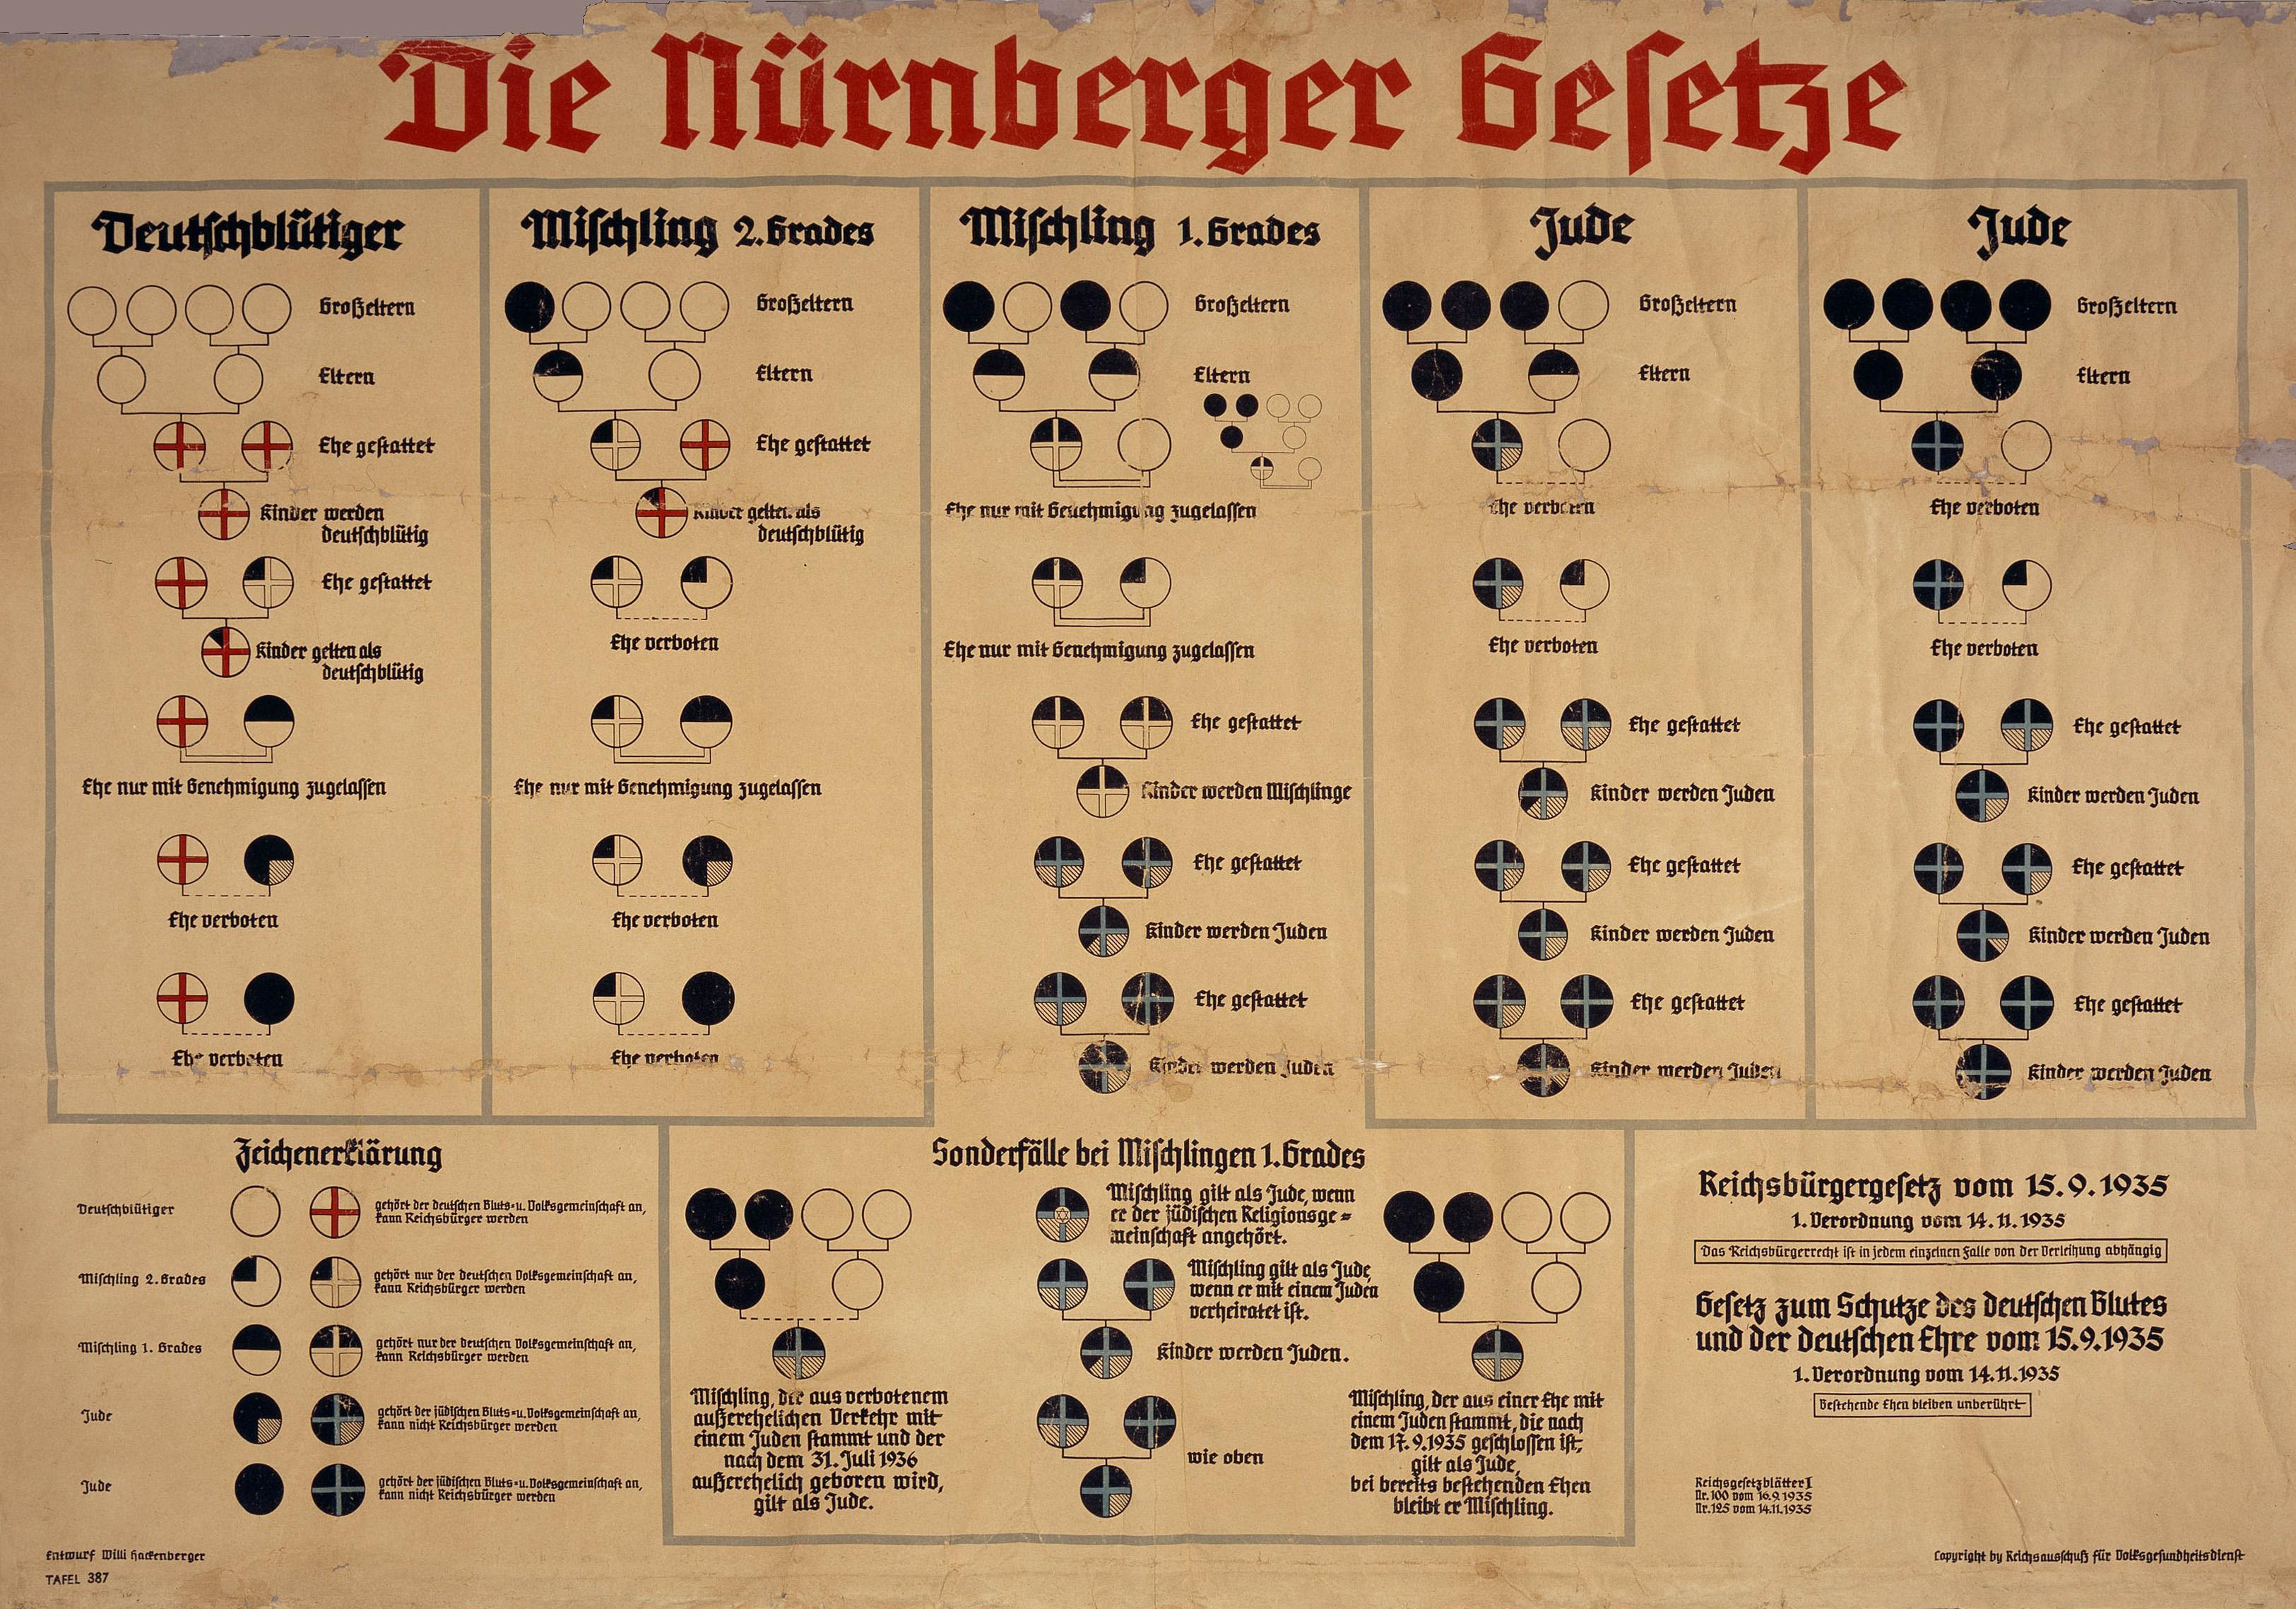 Il razzismo di Stato nel Reich tedesco e nel Regno d'Italia: gli apporti delle ideologie del colonialismo europeo e delle scienze biologiche